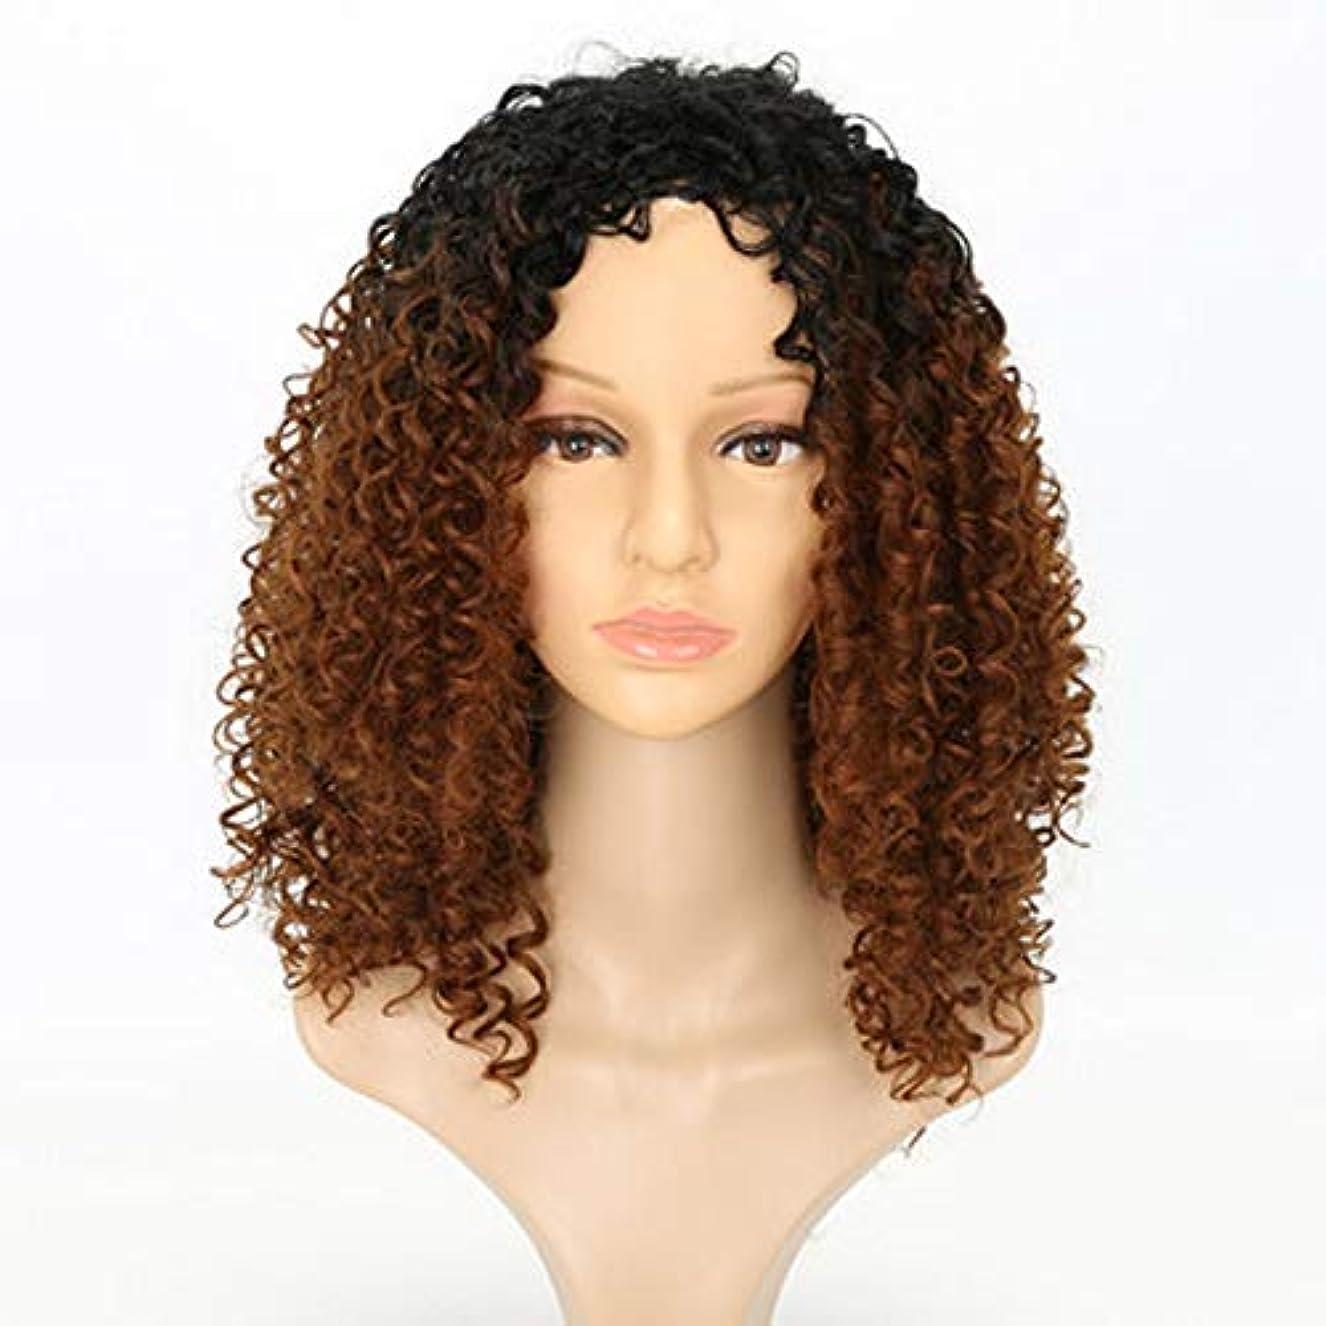 国家志すラッカス女性のための色のかつら長いウェーブのかかった髪、高密度温度合成かつら女性のグルーレスウェーブのかかったコスプレヘアウィッグ、女性のための耐熱繊維の髪のかつら、茶色のウィッグ18インチ